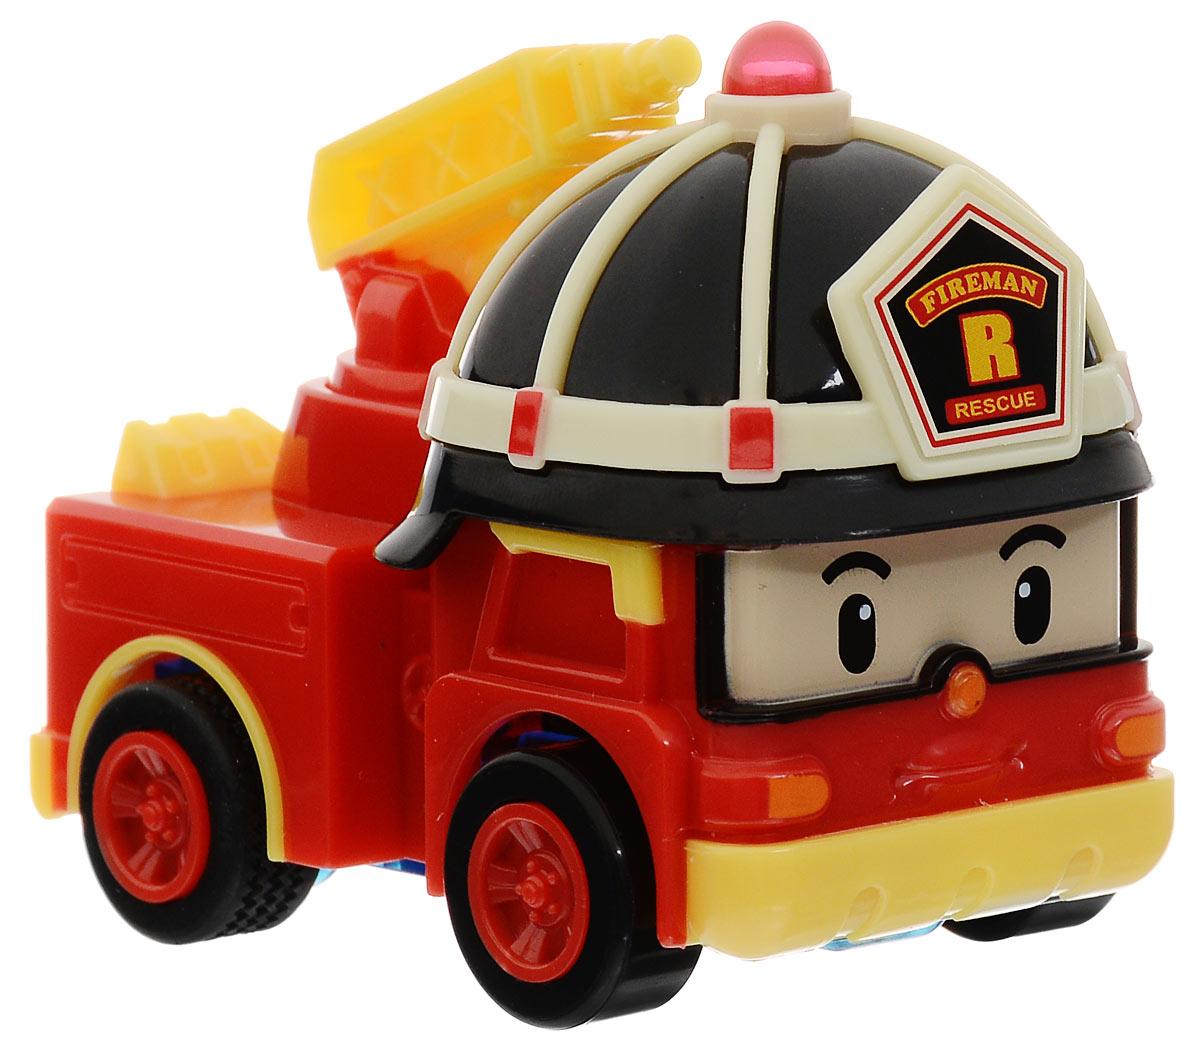 Robocar Poli Игрушка Умная машинка Рой83241Игрушка Robocar Poli Умная машинка Рой - это пожарный из мультфильма Робокар Поли. Рой выполняет важную работу по тушению пожаров, возникших в городах, селениях и лесных массивах. Ребенку будет интересно играть с игрушкой, ехать по вызову на место пожара и тушить бушующее пламя. Красивая красная машина с пожарной каской и умным, серьезным лицом, несомненно, понравится малышу, ведь с ней можно проезжать по улицам и следить за порядком, обследовать лес на случай пожара. Красный автомобиль пожарной инспекции Рой - это самый сильный участник, который выполняет сложные подъемы и поддержки попавших в беду жителей городка. С машинкой малыш может играть в героя, спешащего на помощь пострадавшим от огня людям, тушить возгорания и учить других технике безопасности. Машинки, прошедшие обучение, смогут стать помощниками для Роя. Рой - очень умная машинка, она отлично знает правила дорожного движения и ни за что не попадет в аварию, так как самостоятельно...